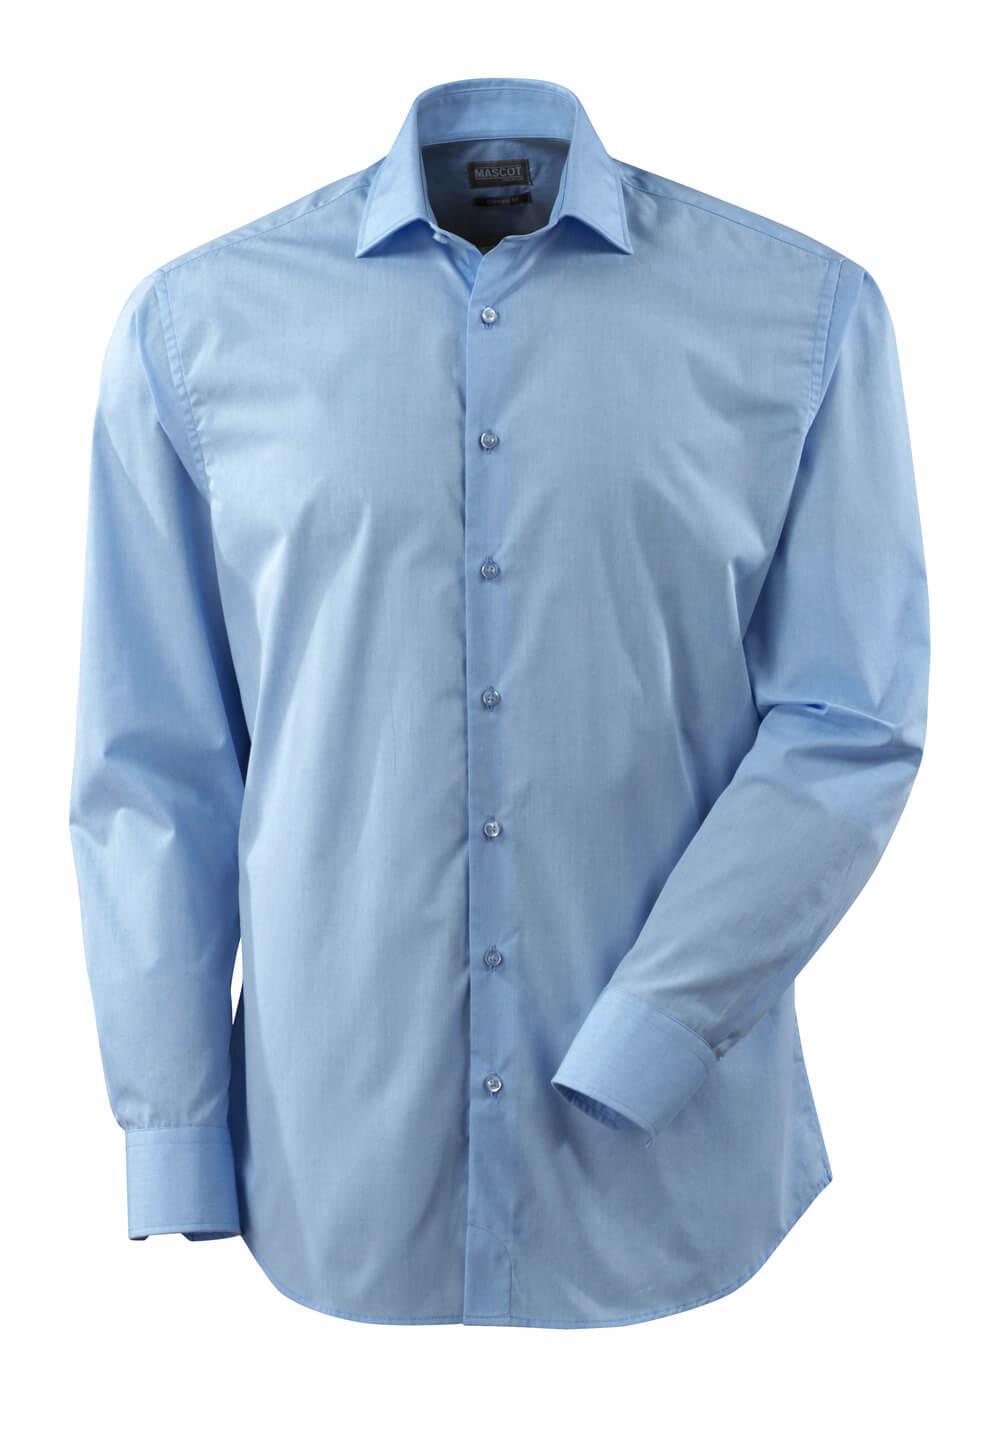 50631-984-71 Koszula - jasny niebieski